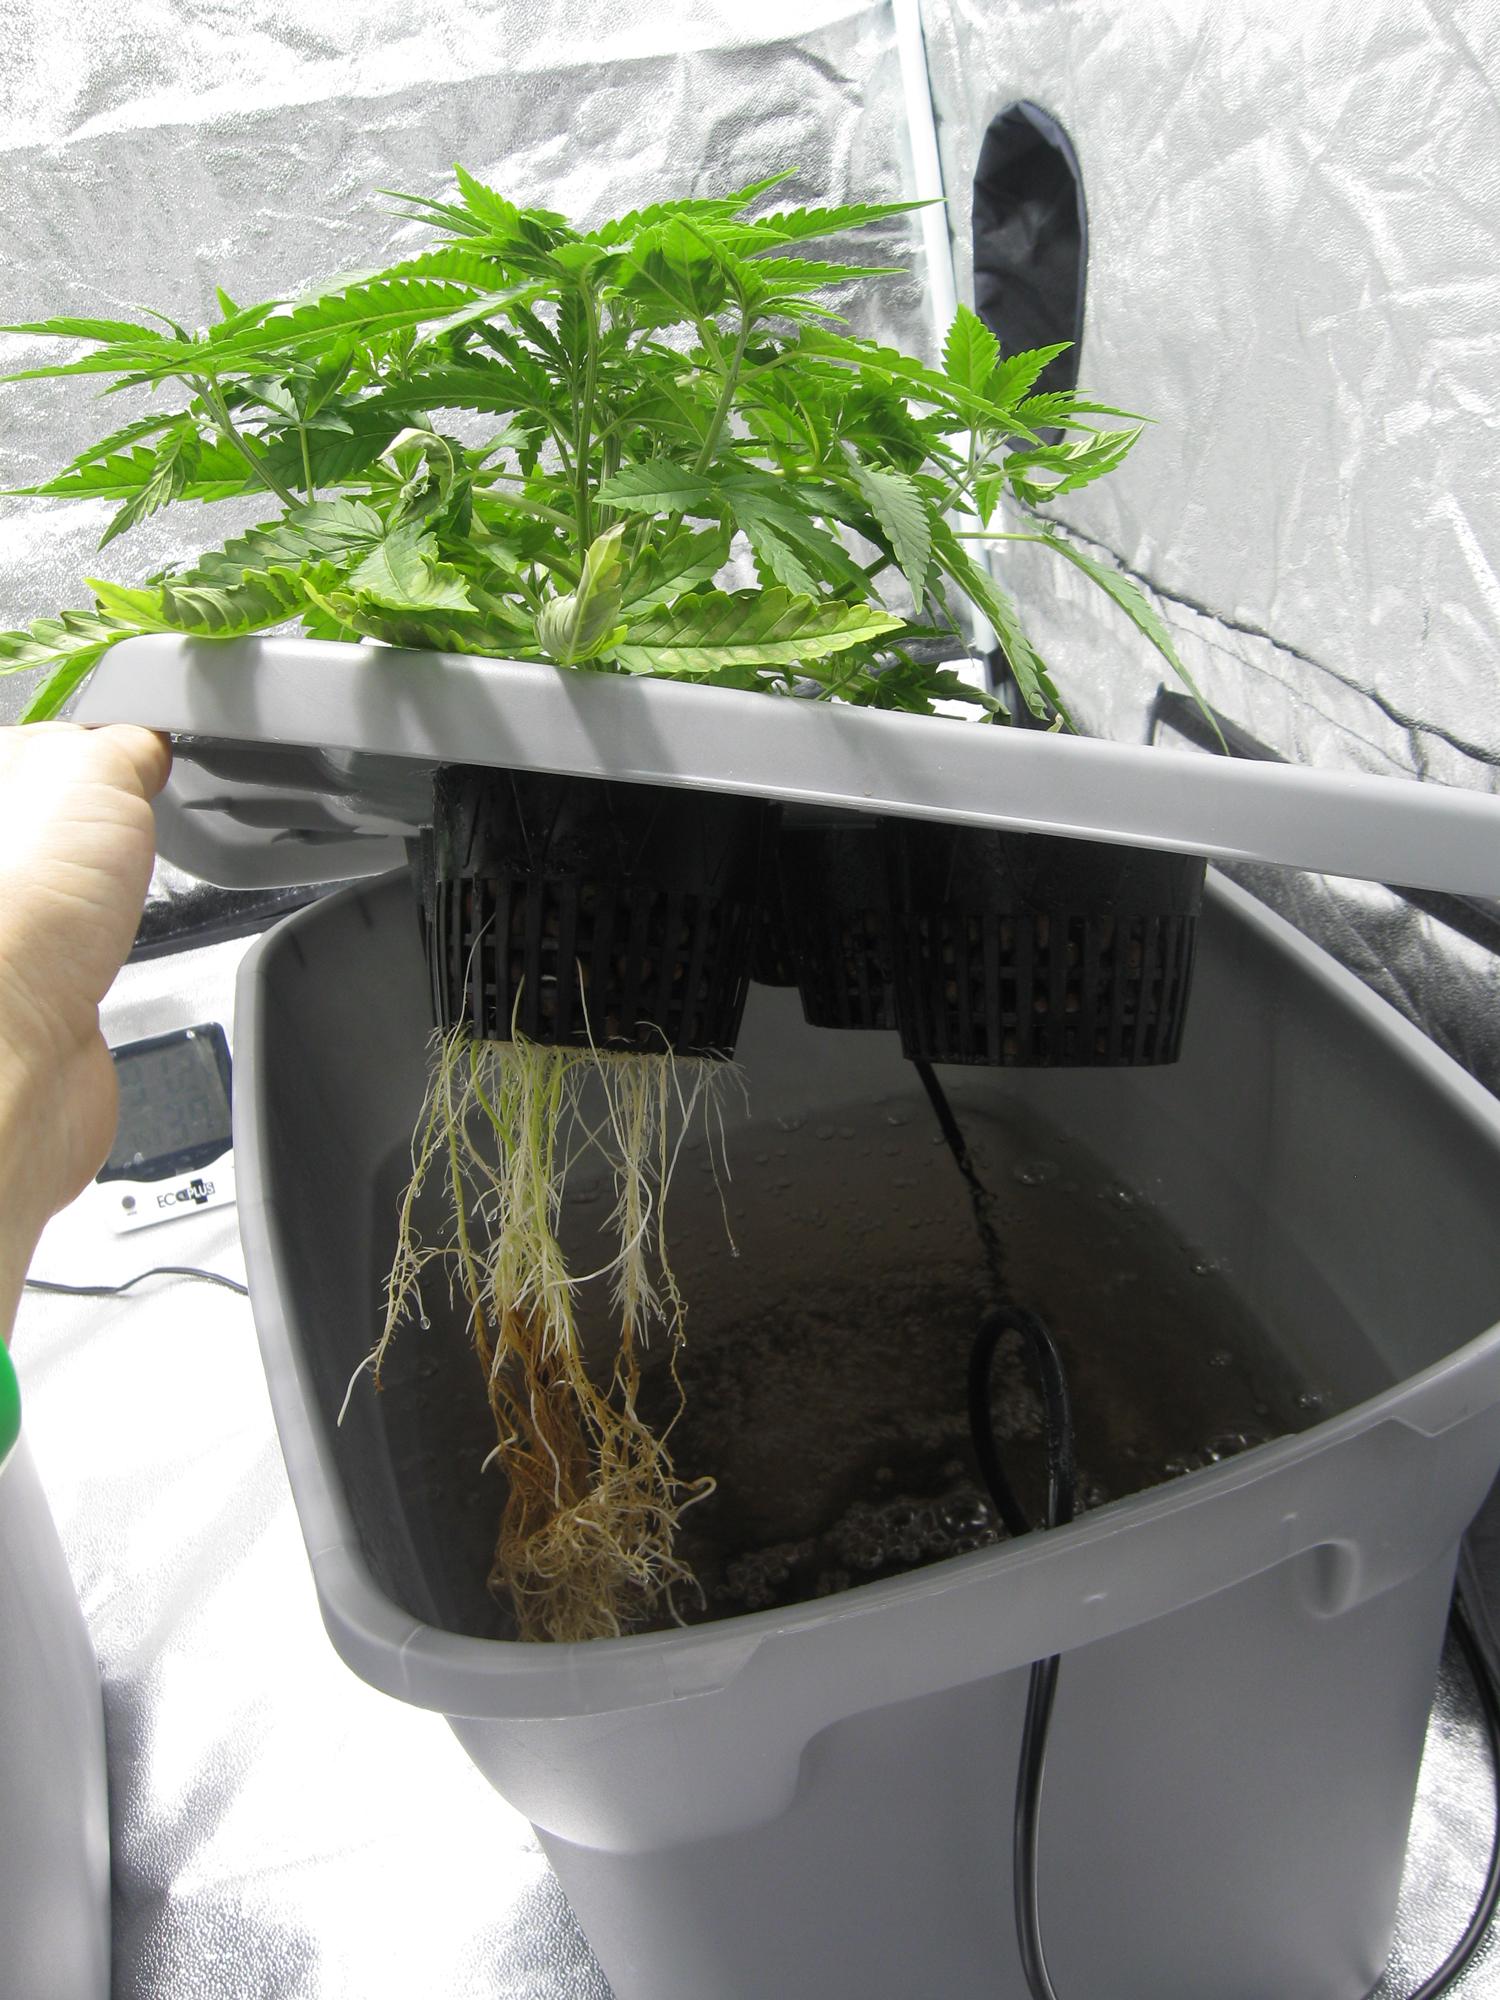 Марихуана на гидропонной установке как показывает тест на марихуану